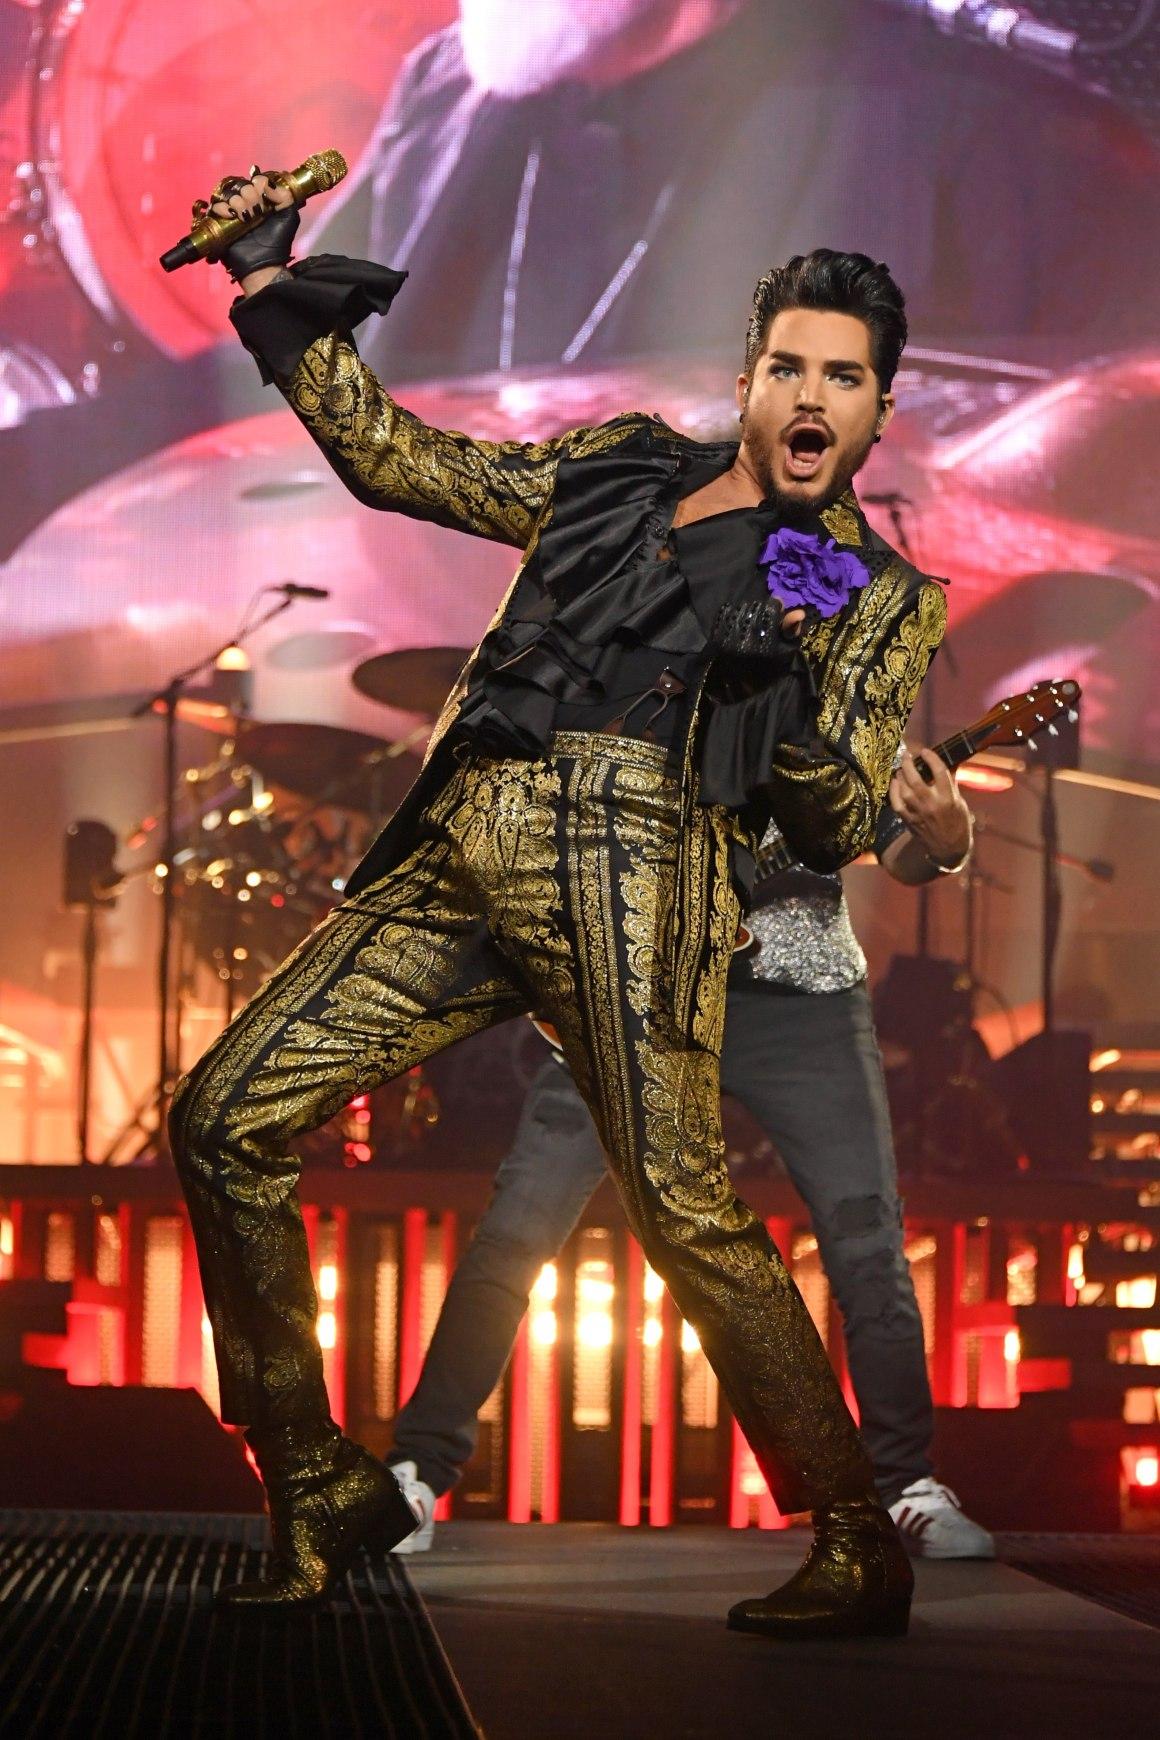 Queen + Adam Lambert In Concert - New York, NY